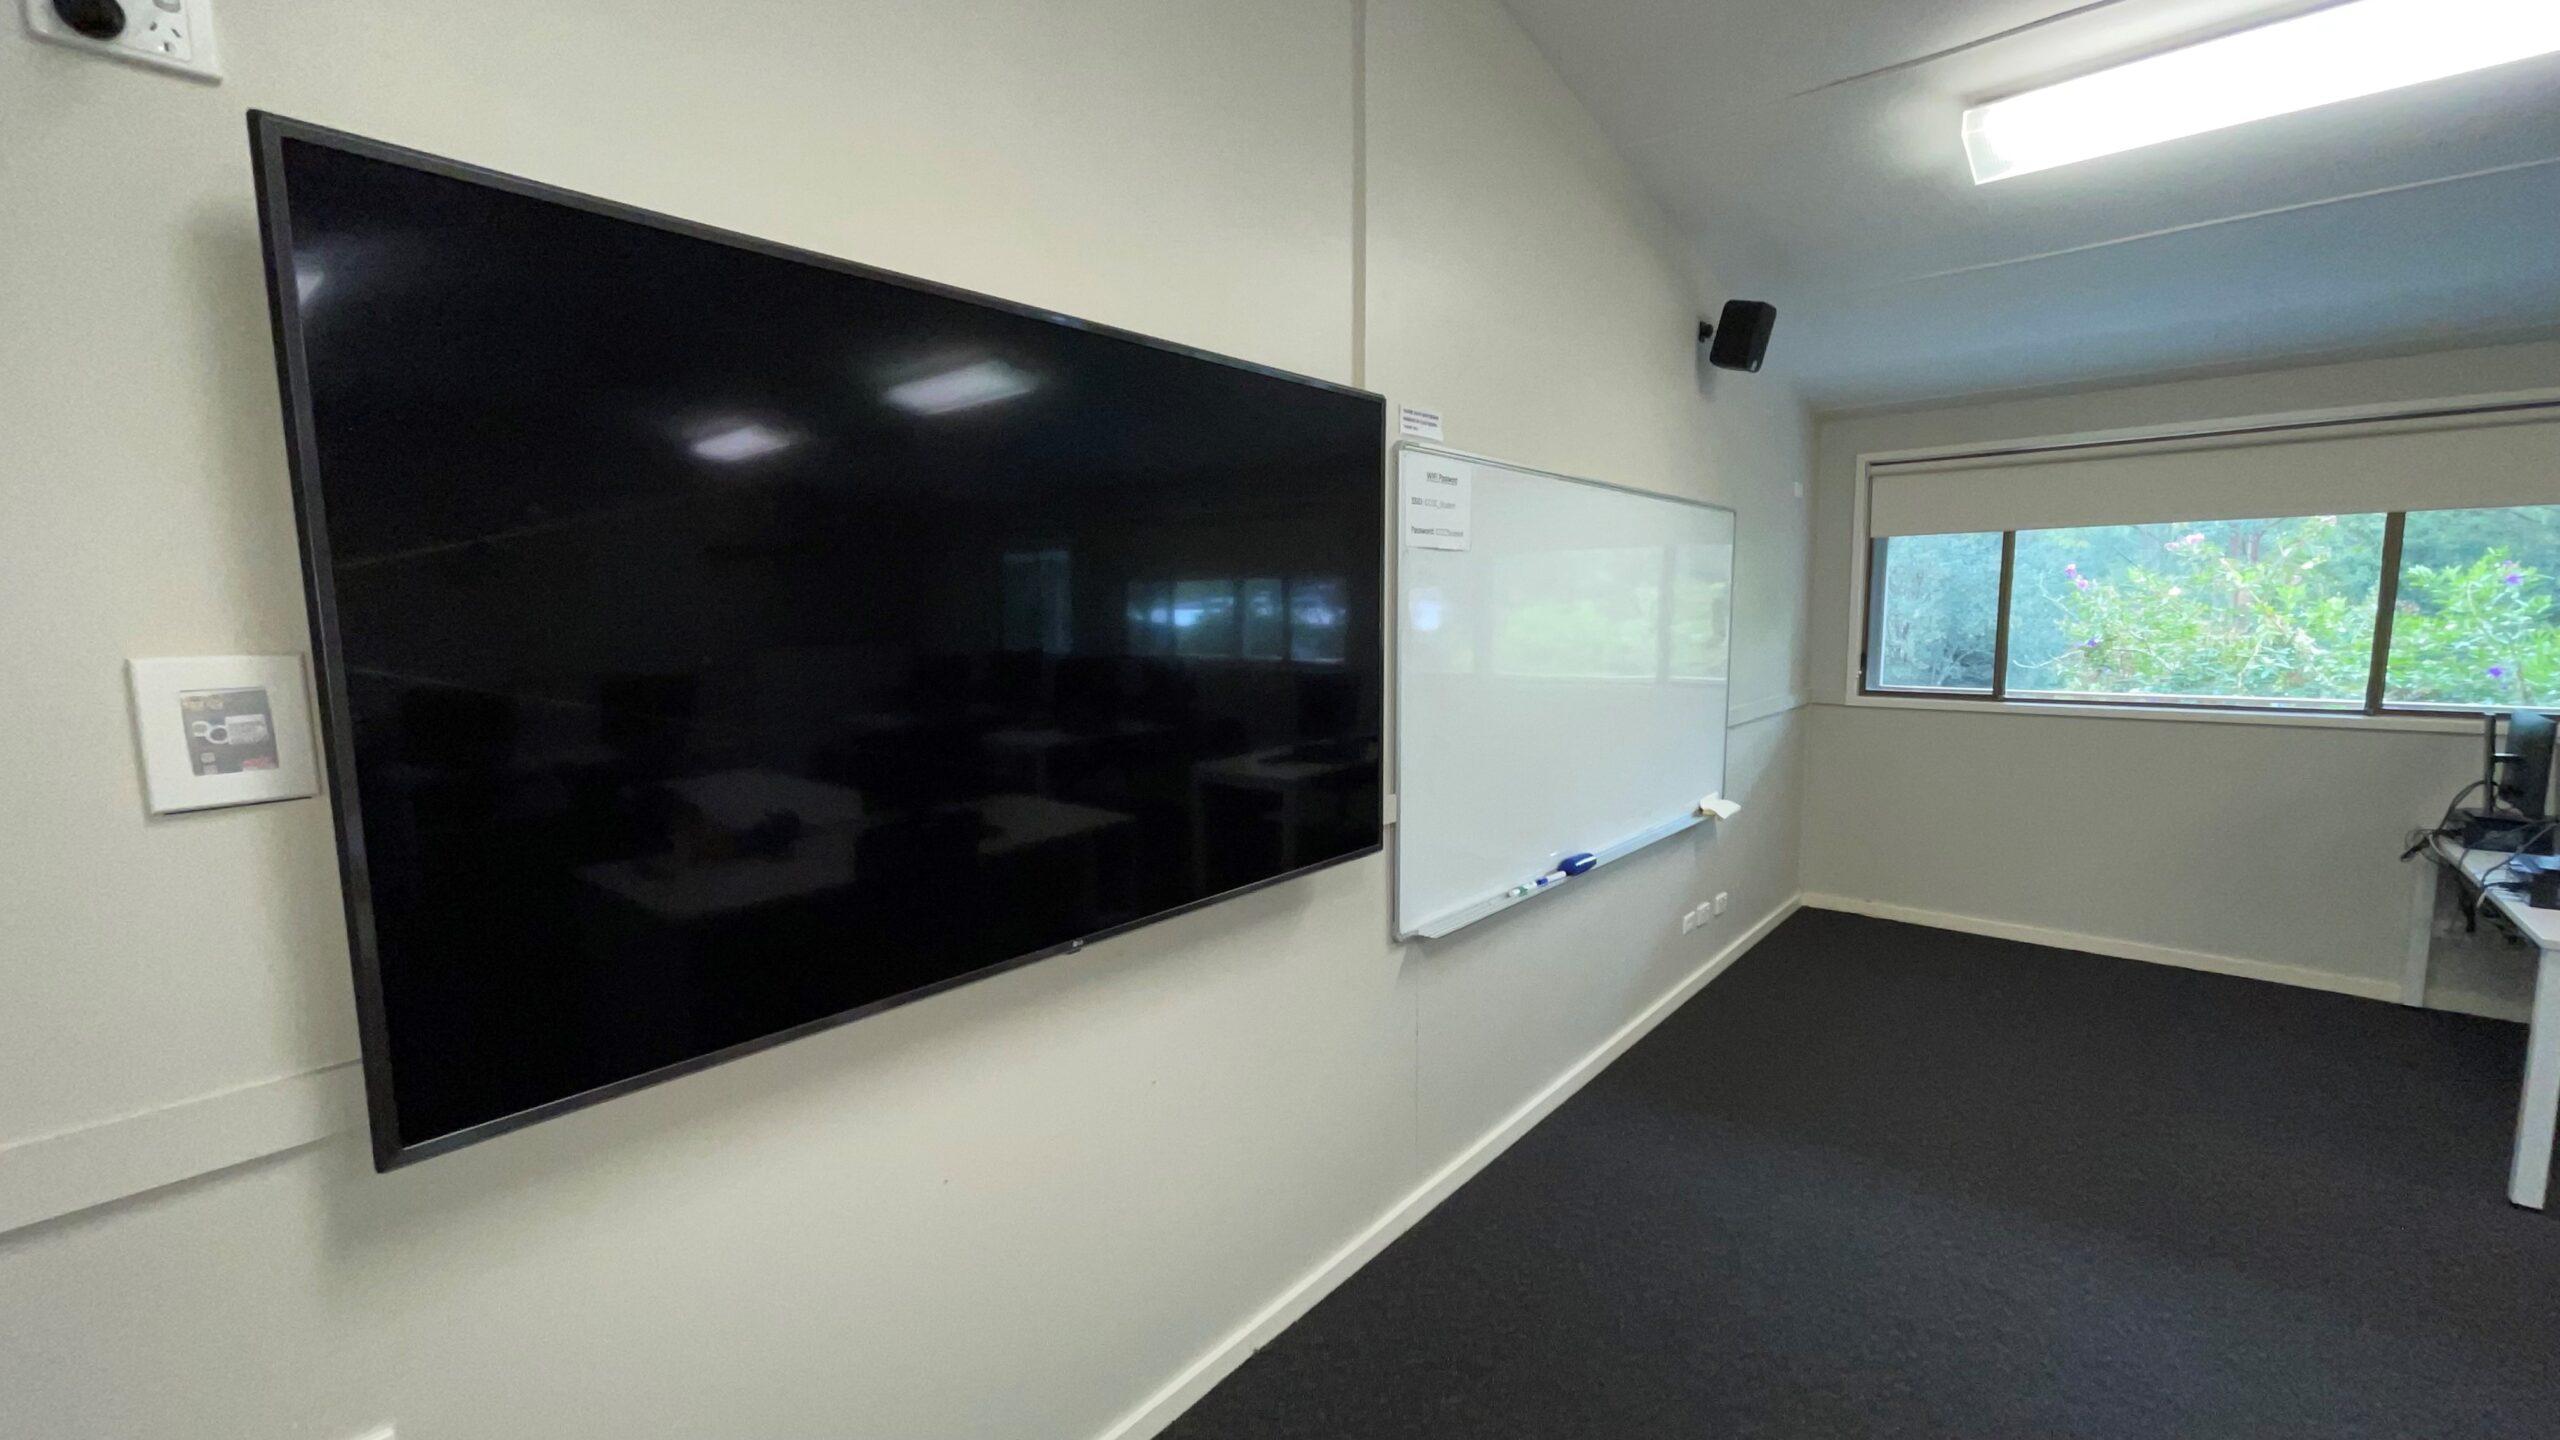 room 2 tv